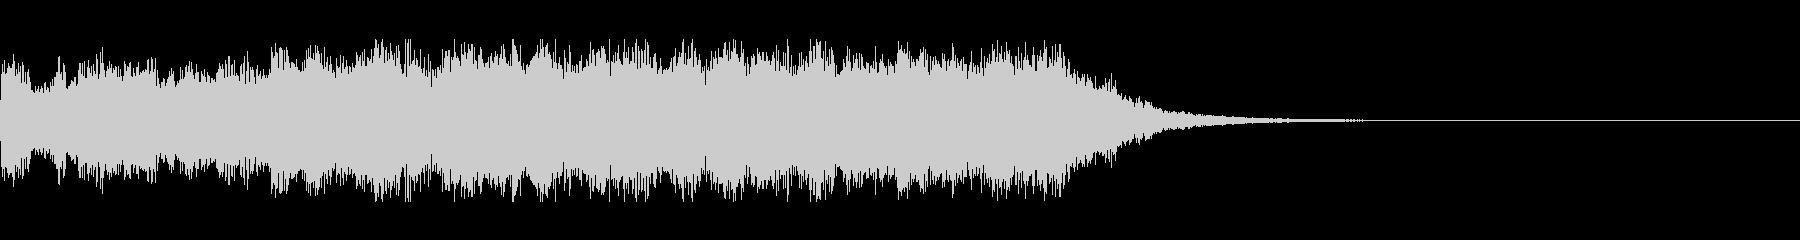 ホラーな効果音の未再生の波形